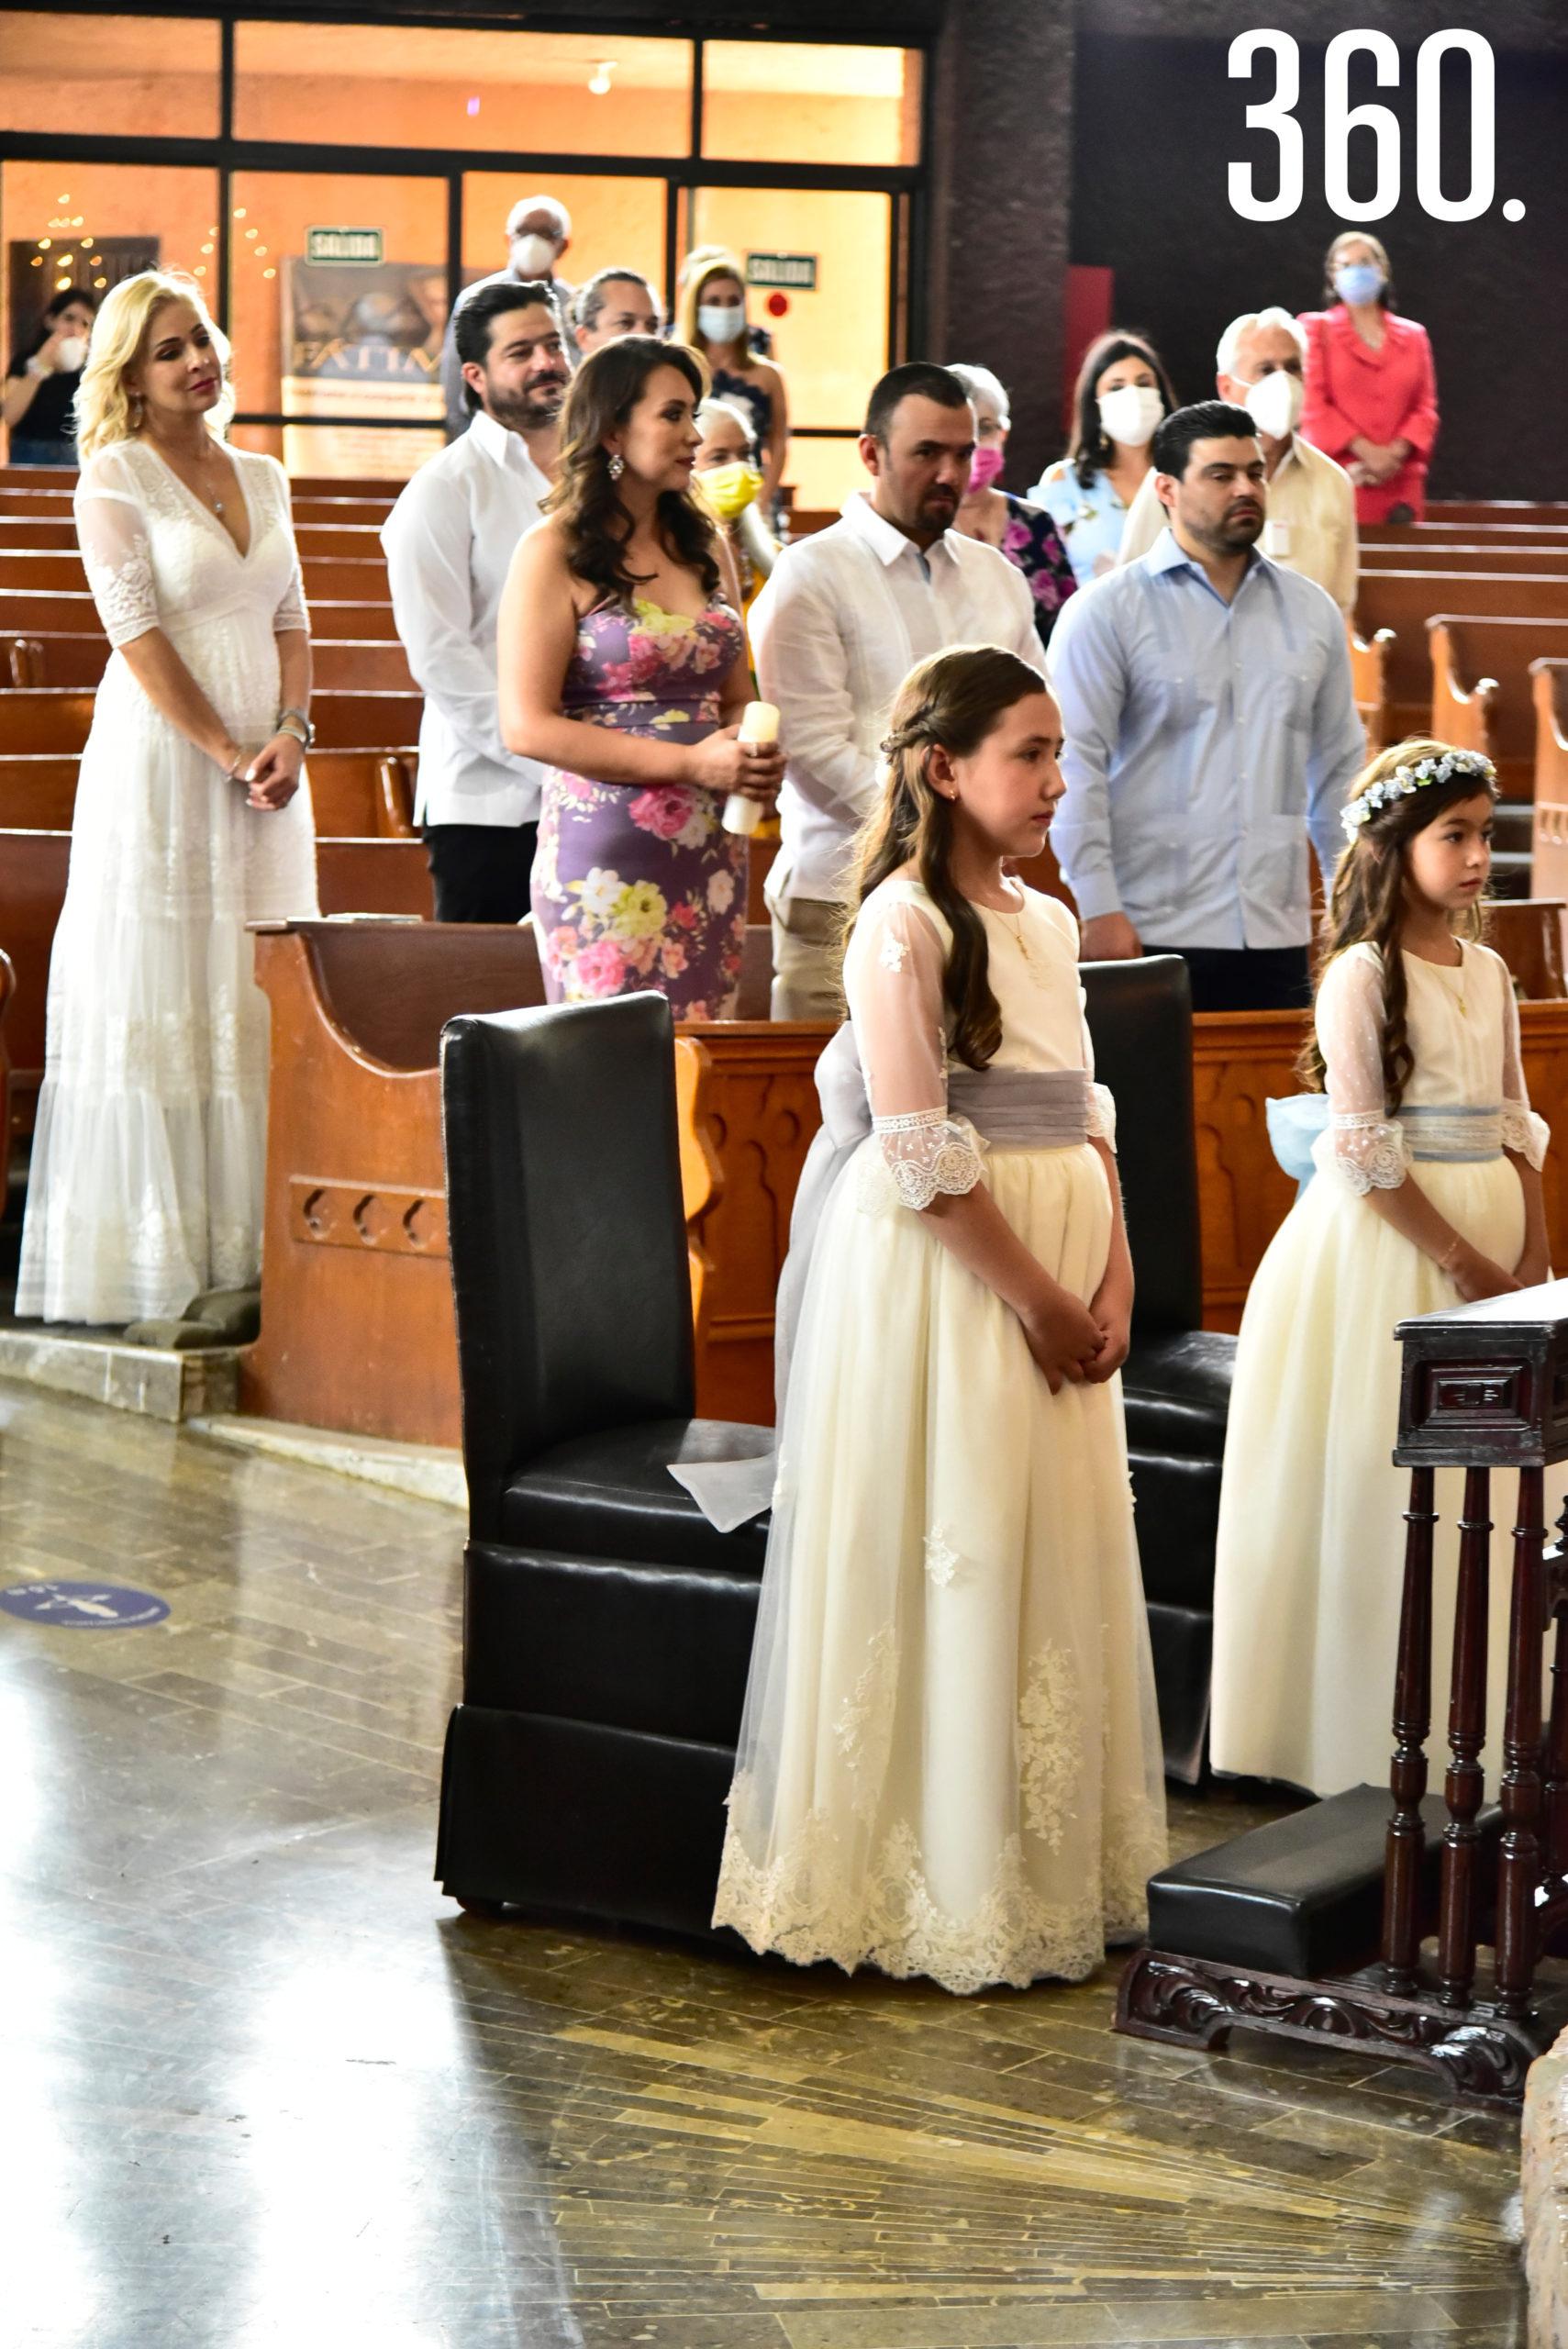 Momentos durante la misa.